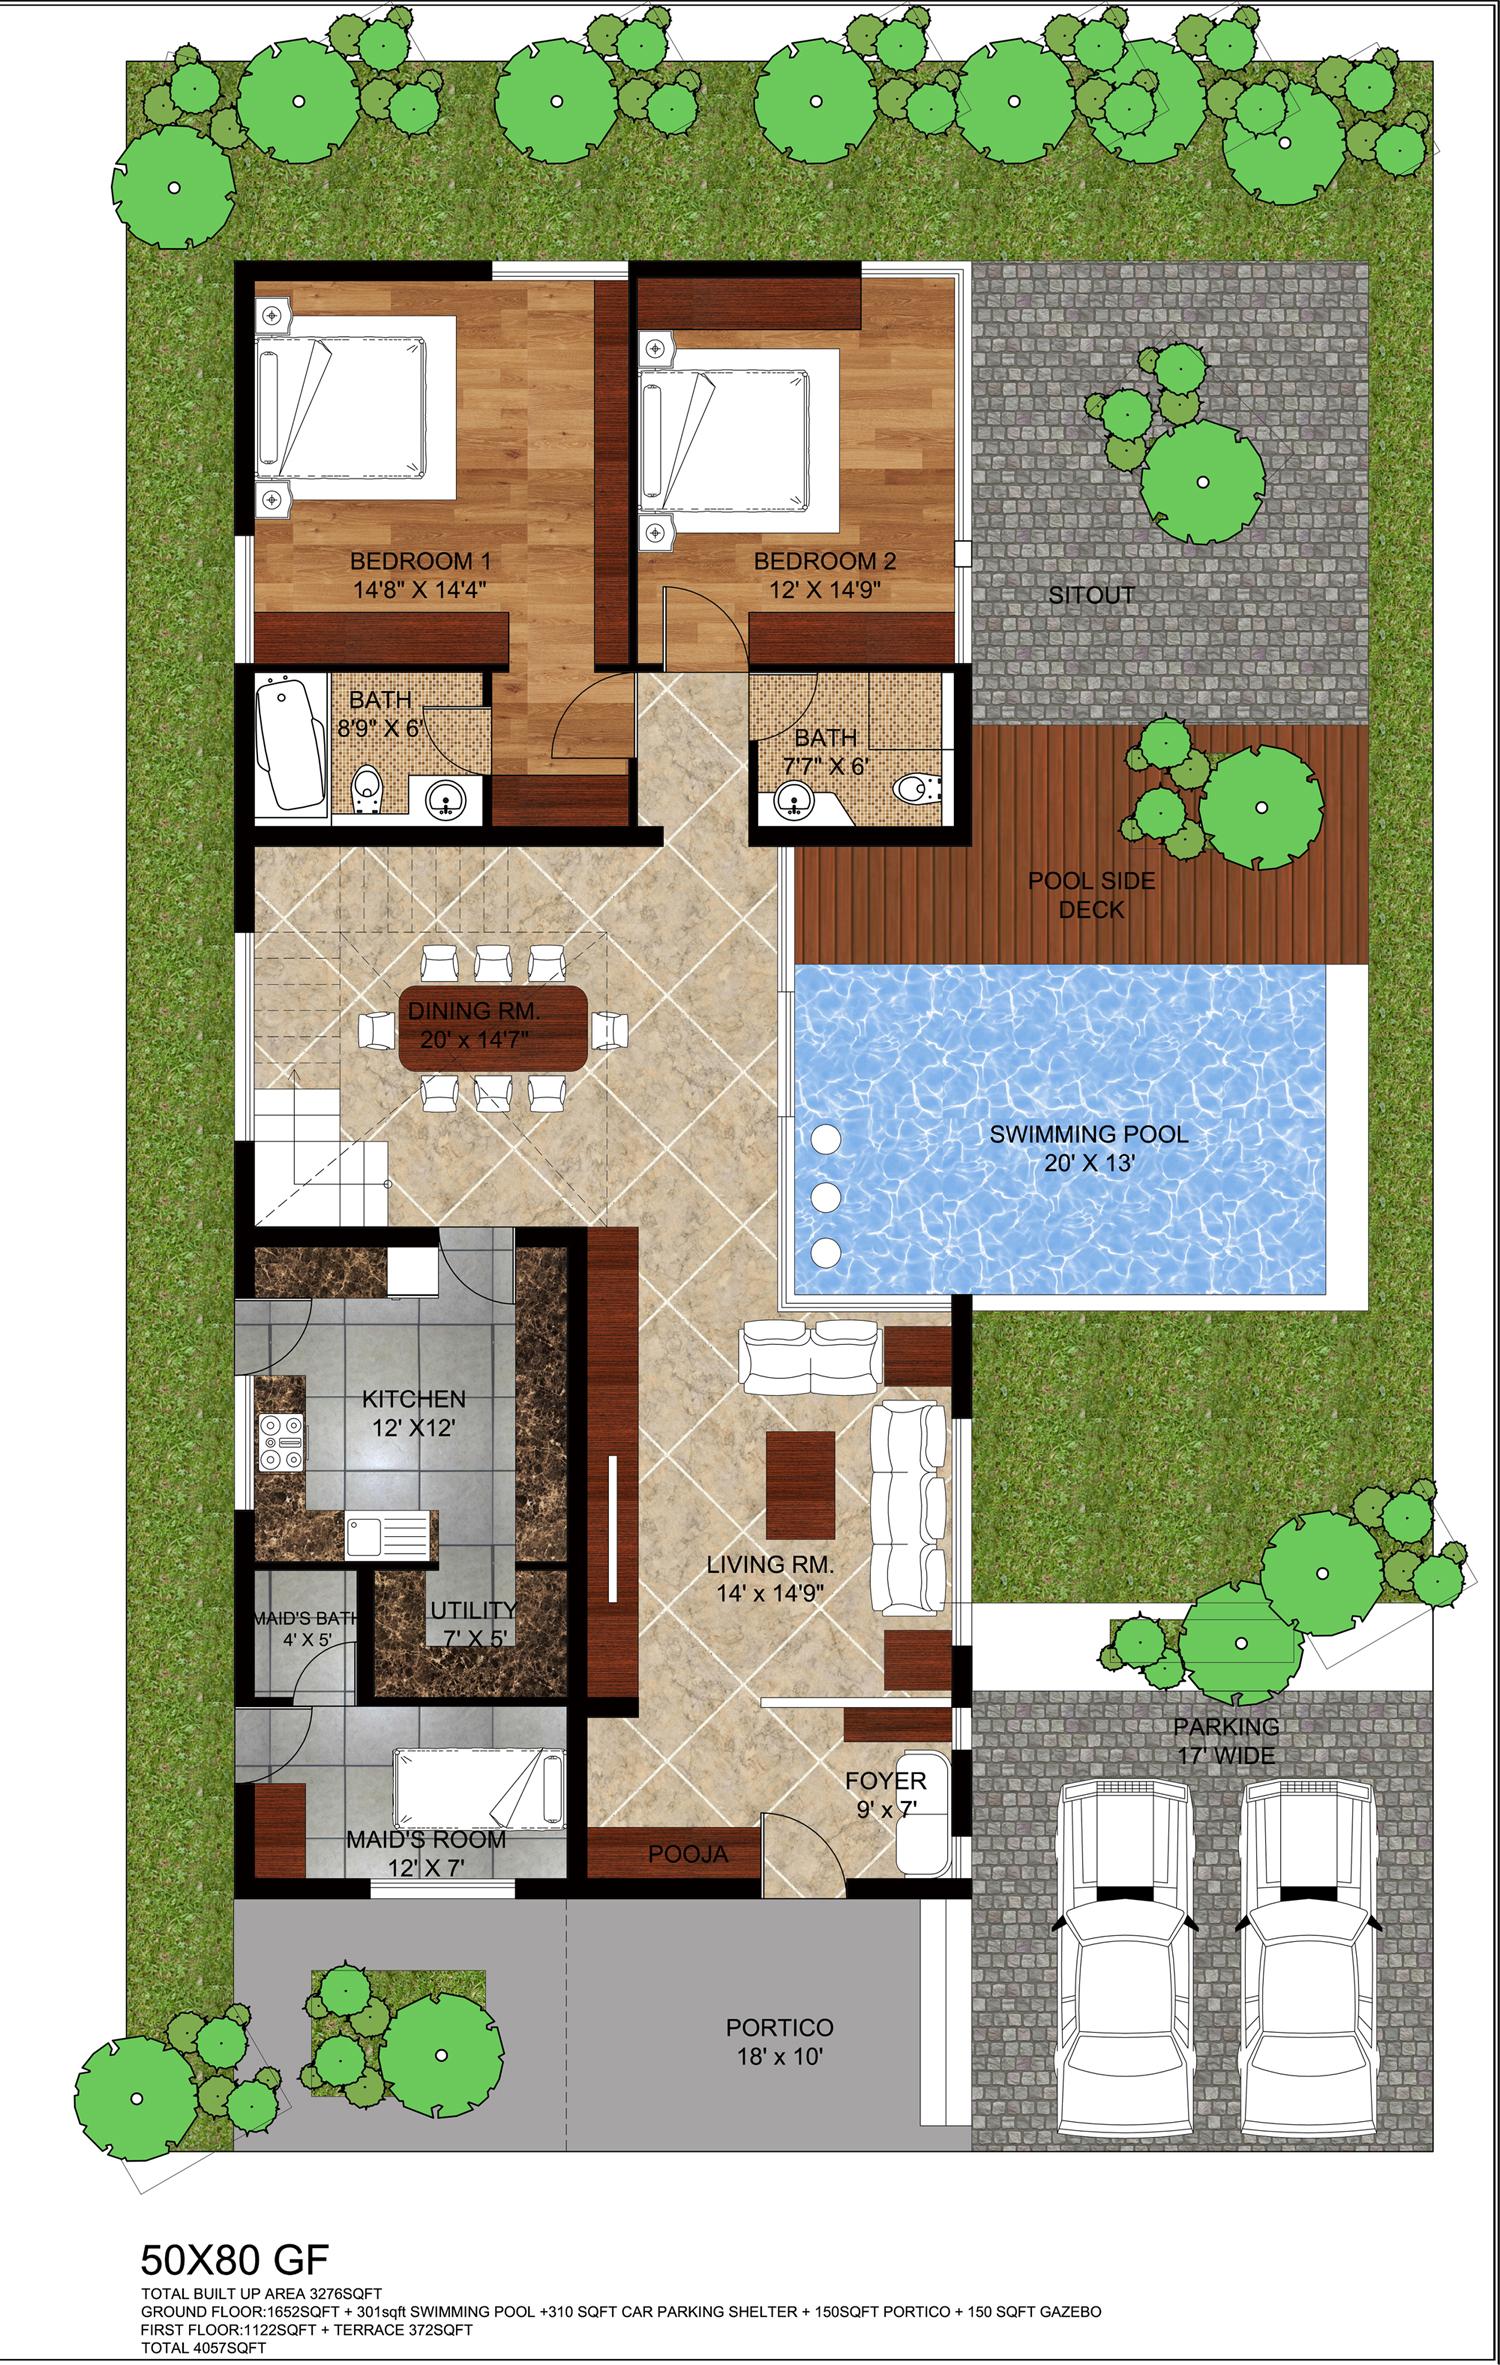 Natural Veneered Wooden Flush Door Design Mdf Living Room: Project City